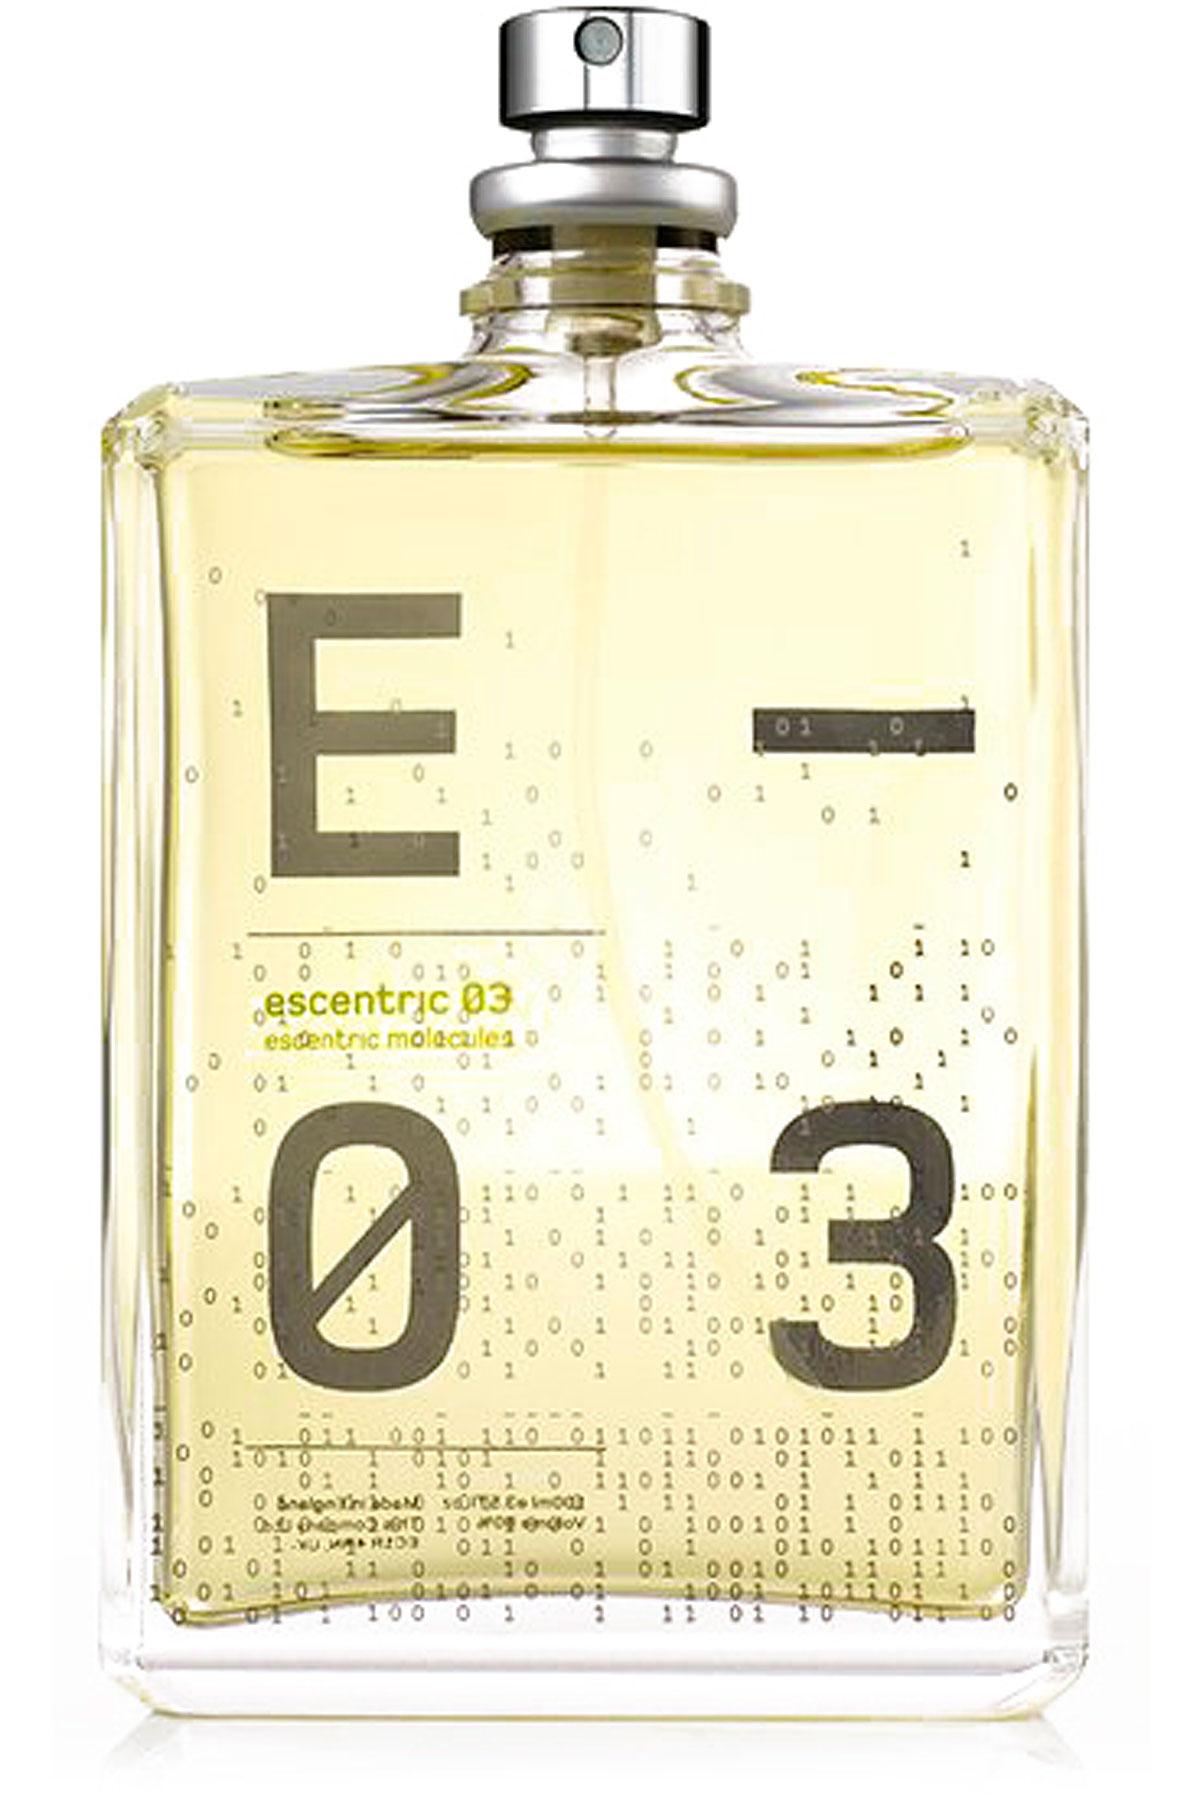 Escentric Molecules Fragrances for Women, Escentric 03 - Eau De Parfum - 100 Ml, 2019, 100 ml